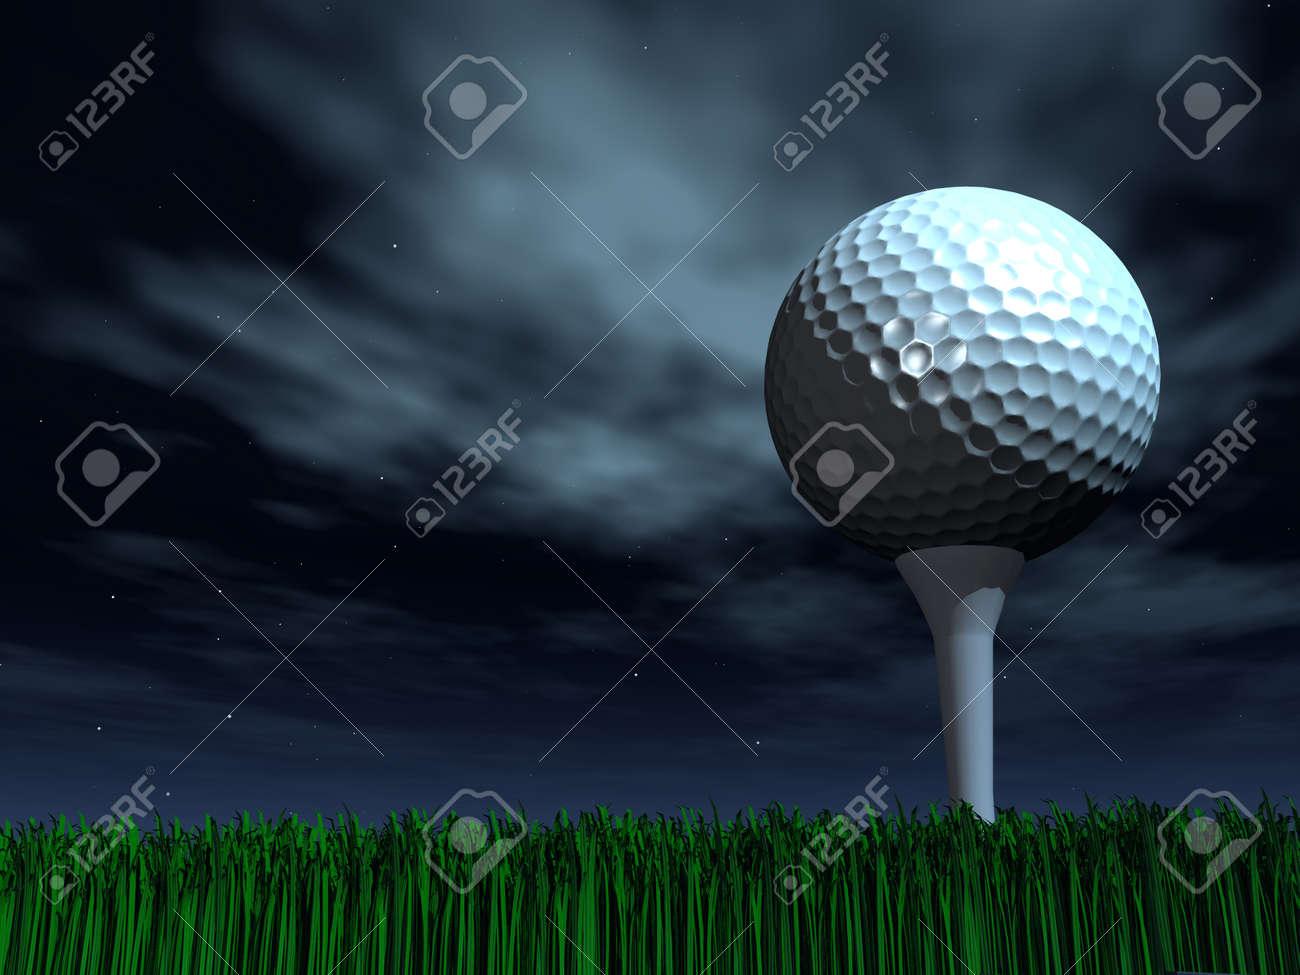 Night golf ball on a grass - 121649536